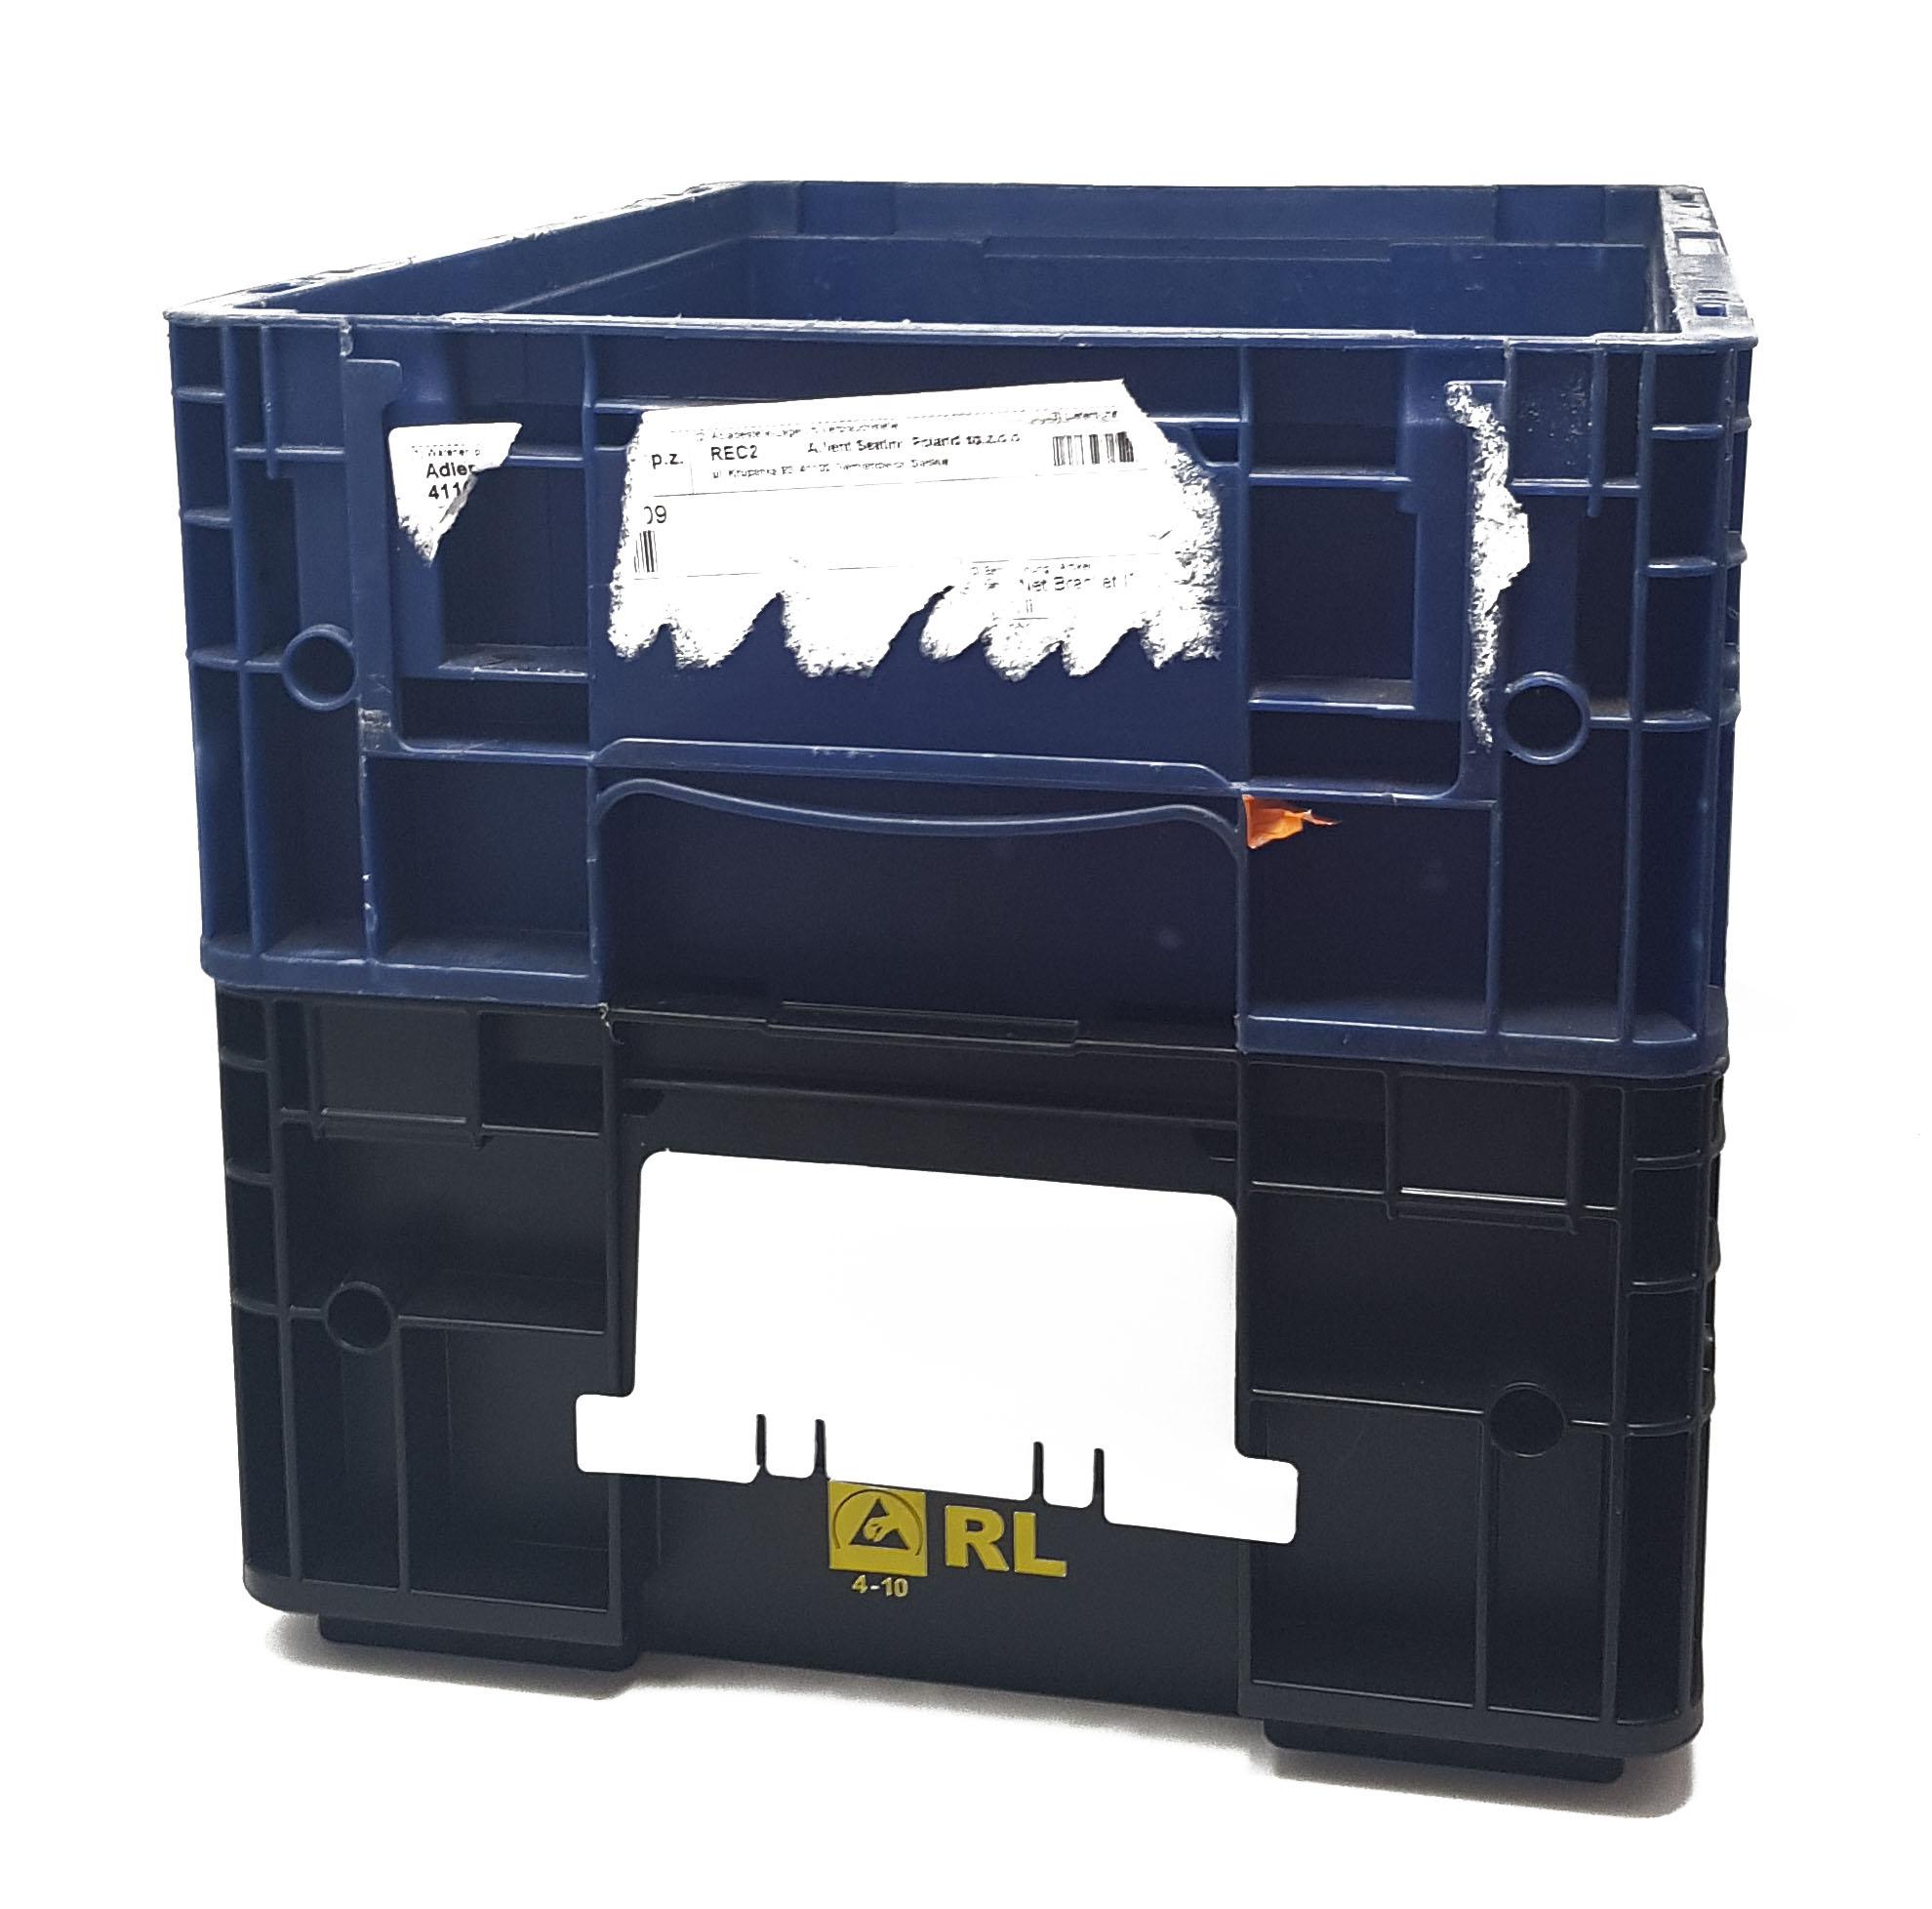 KLT Labelträger Wechsellabel Mehrweglabel